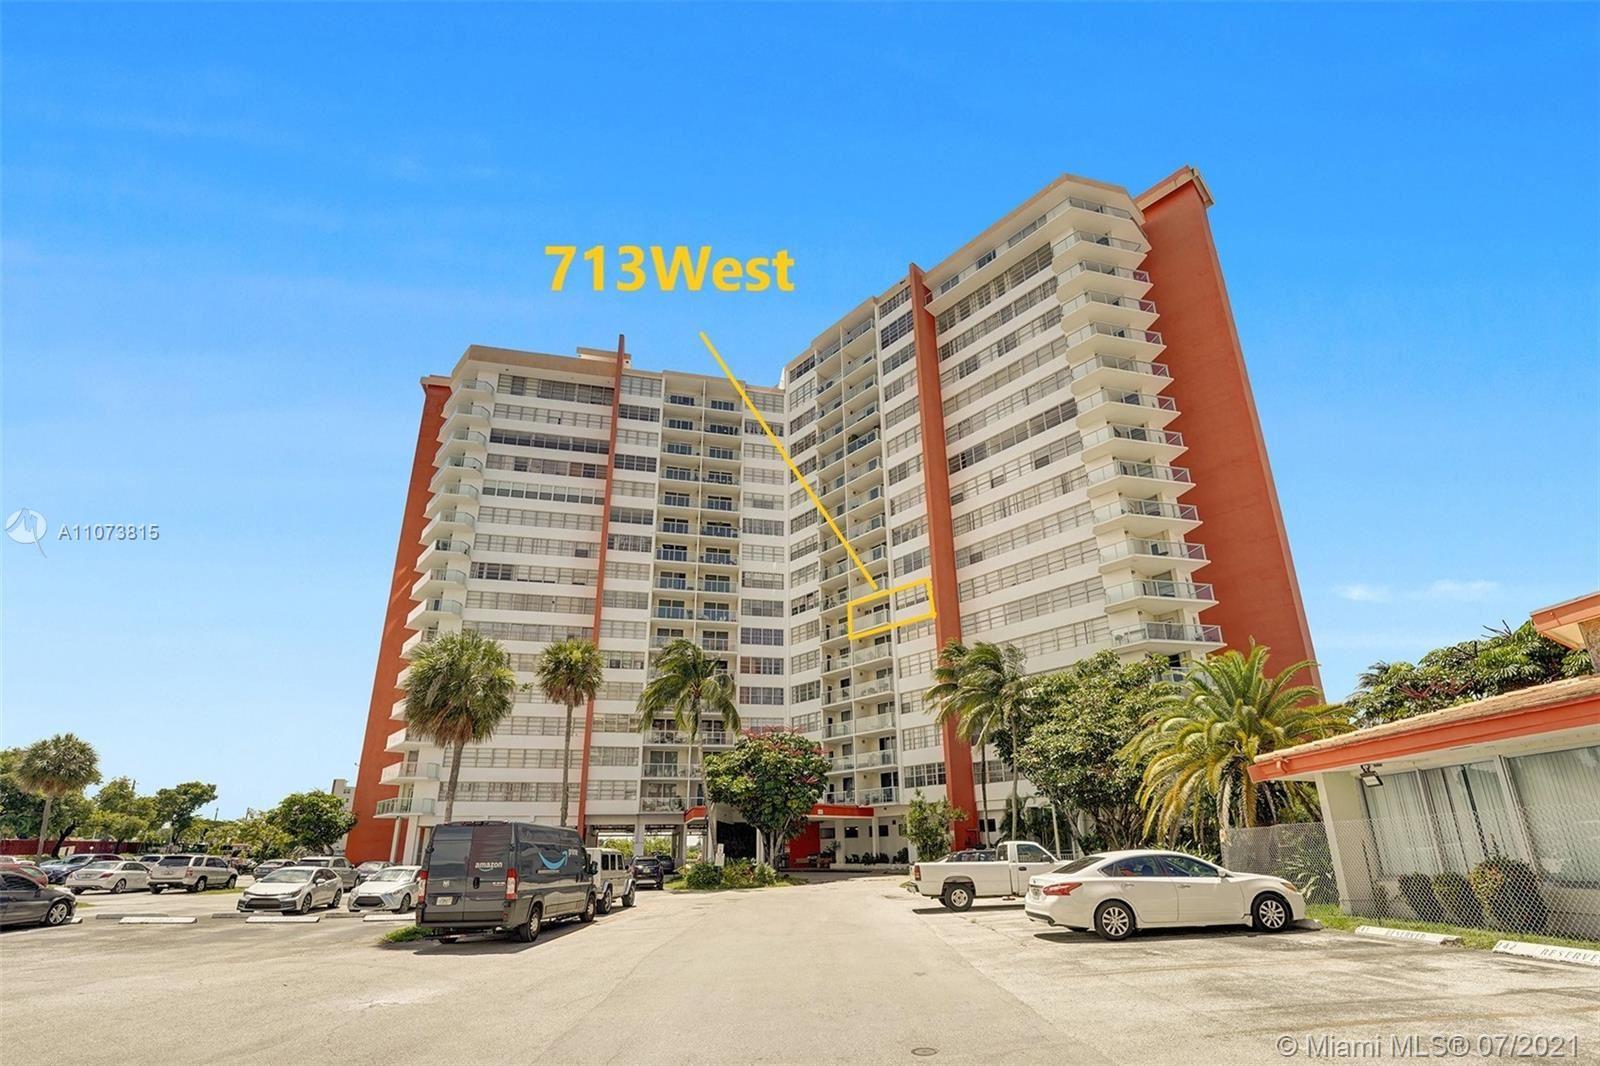 1301 NE Miami Gardens Dr #713W, Miami, FL 33179 - #: A11073815